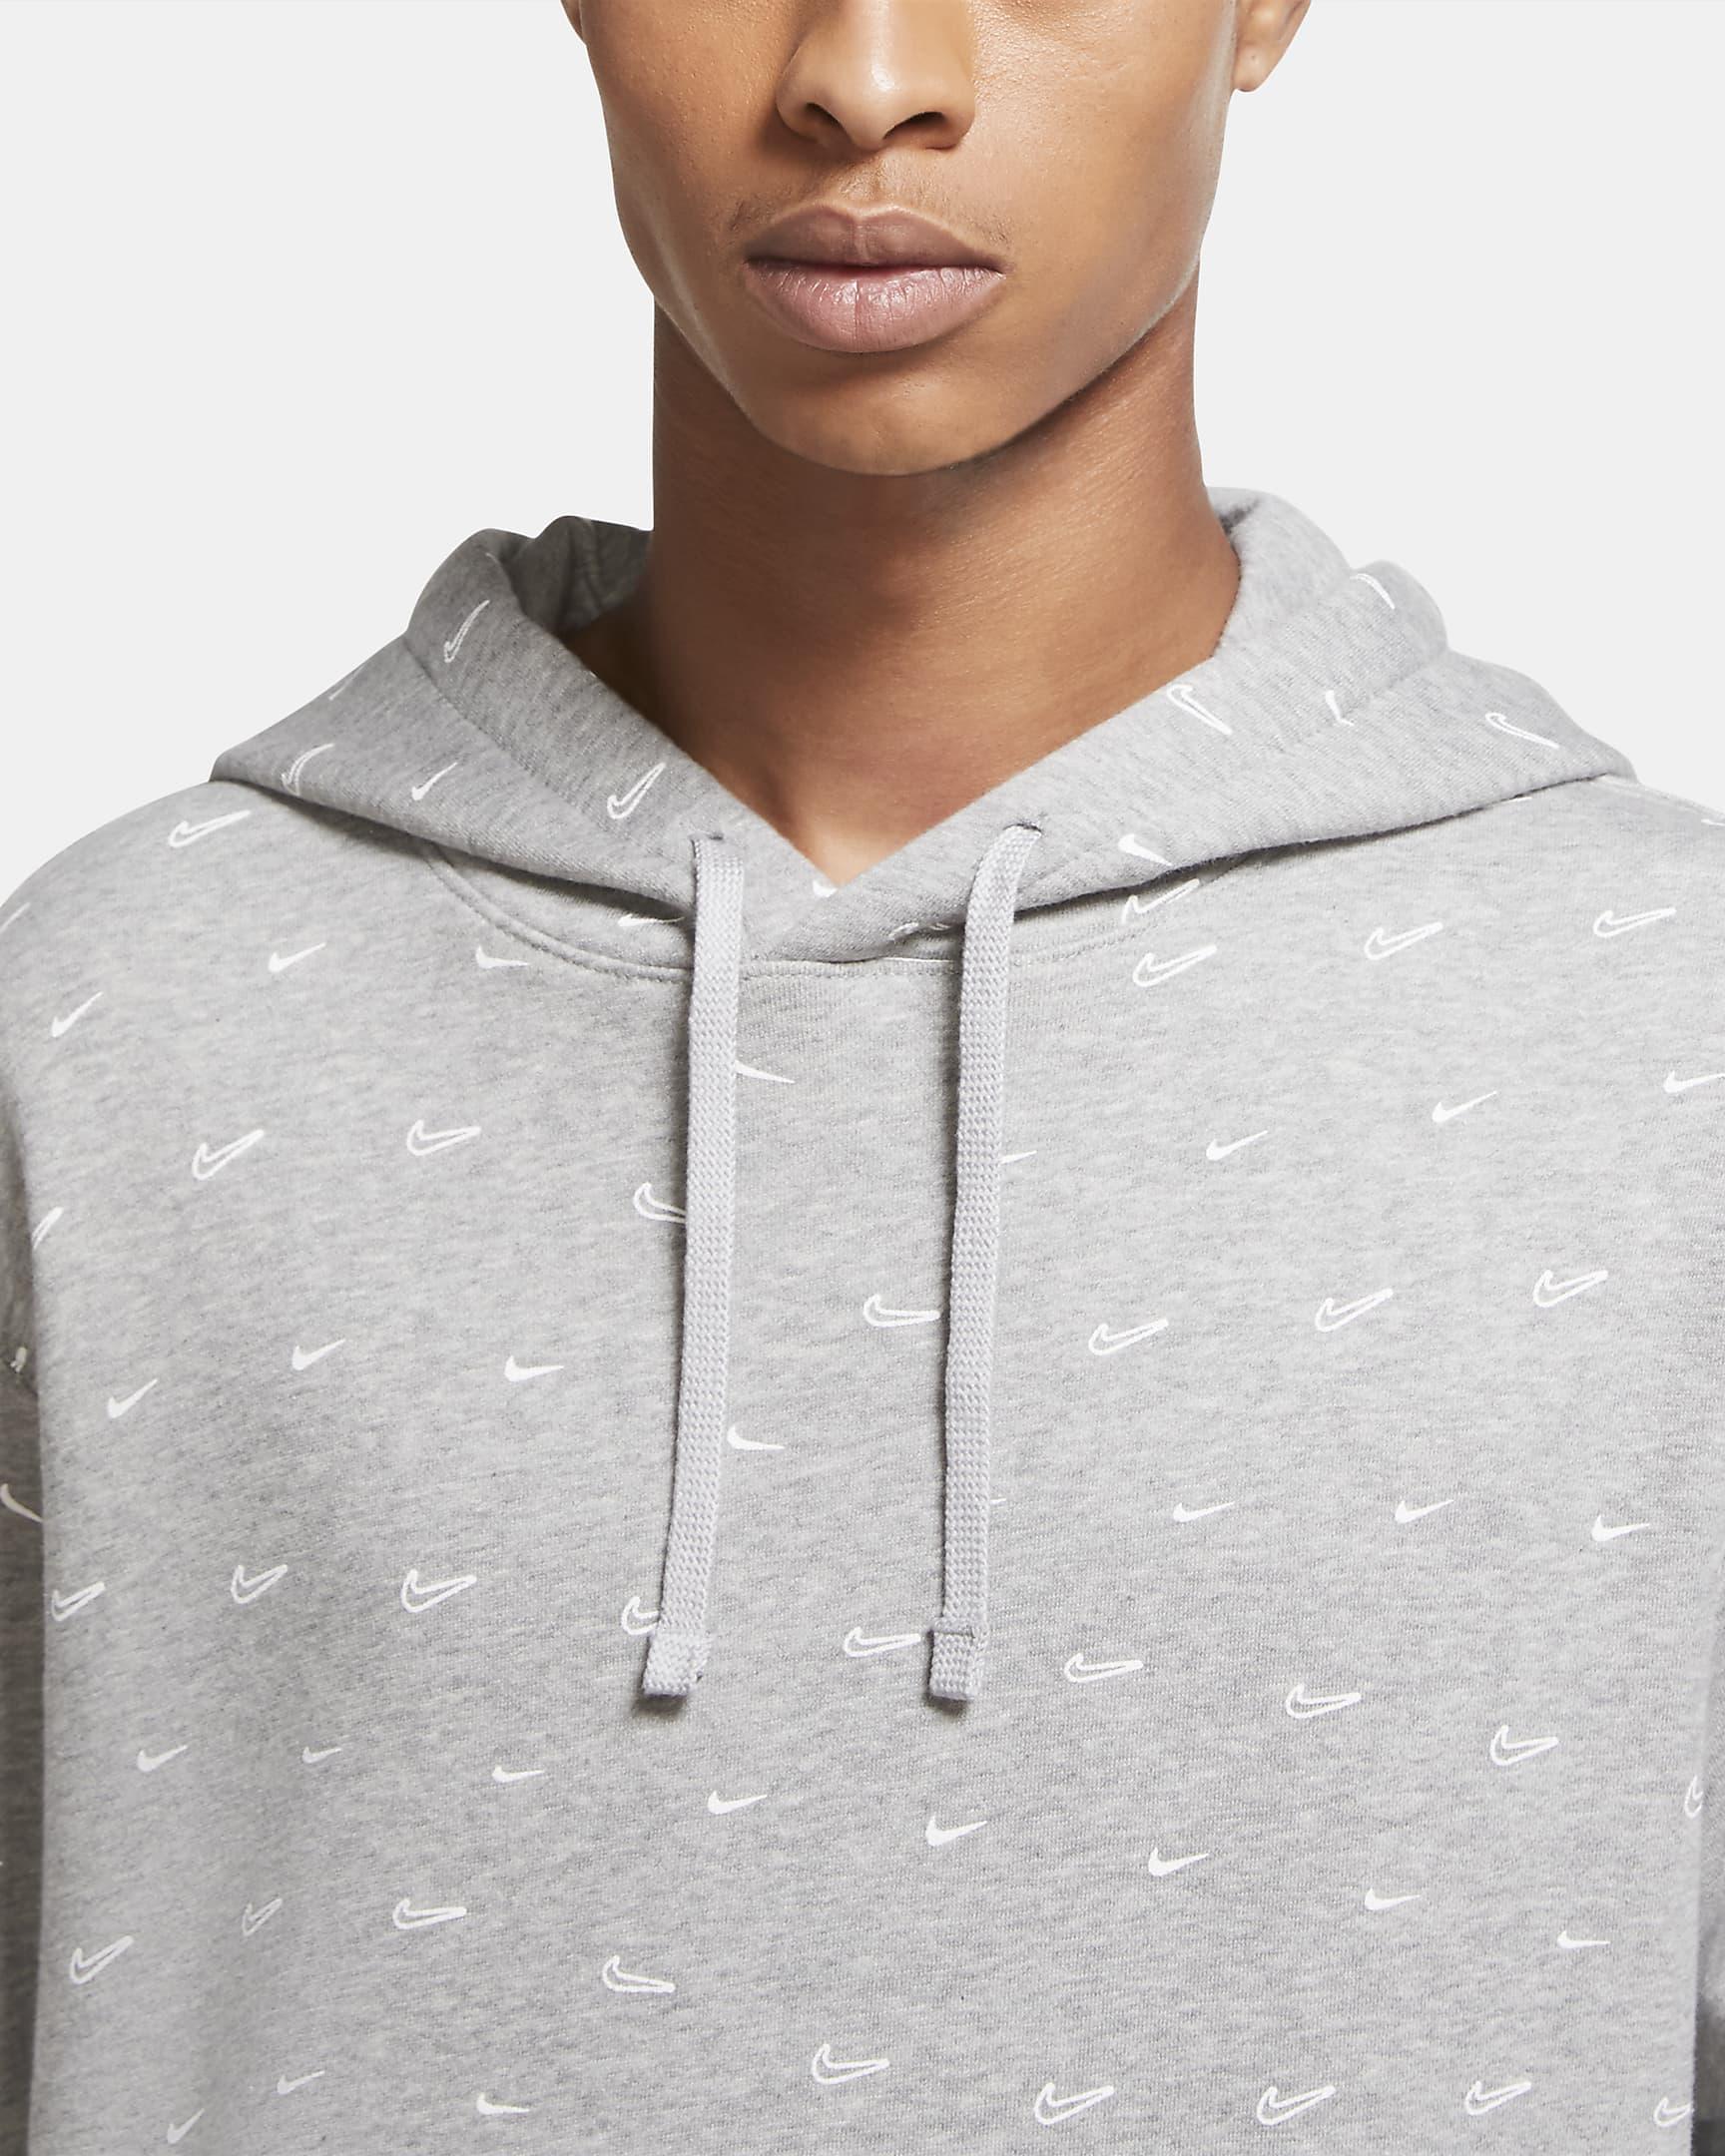 sportswear-club-fleece-mens-printed-pullover-hoodie-m7N3zD-2